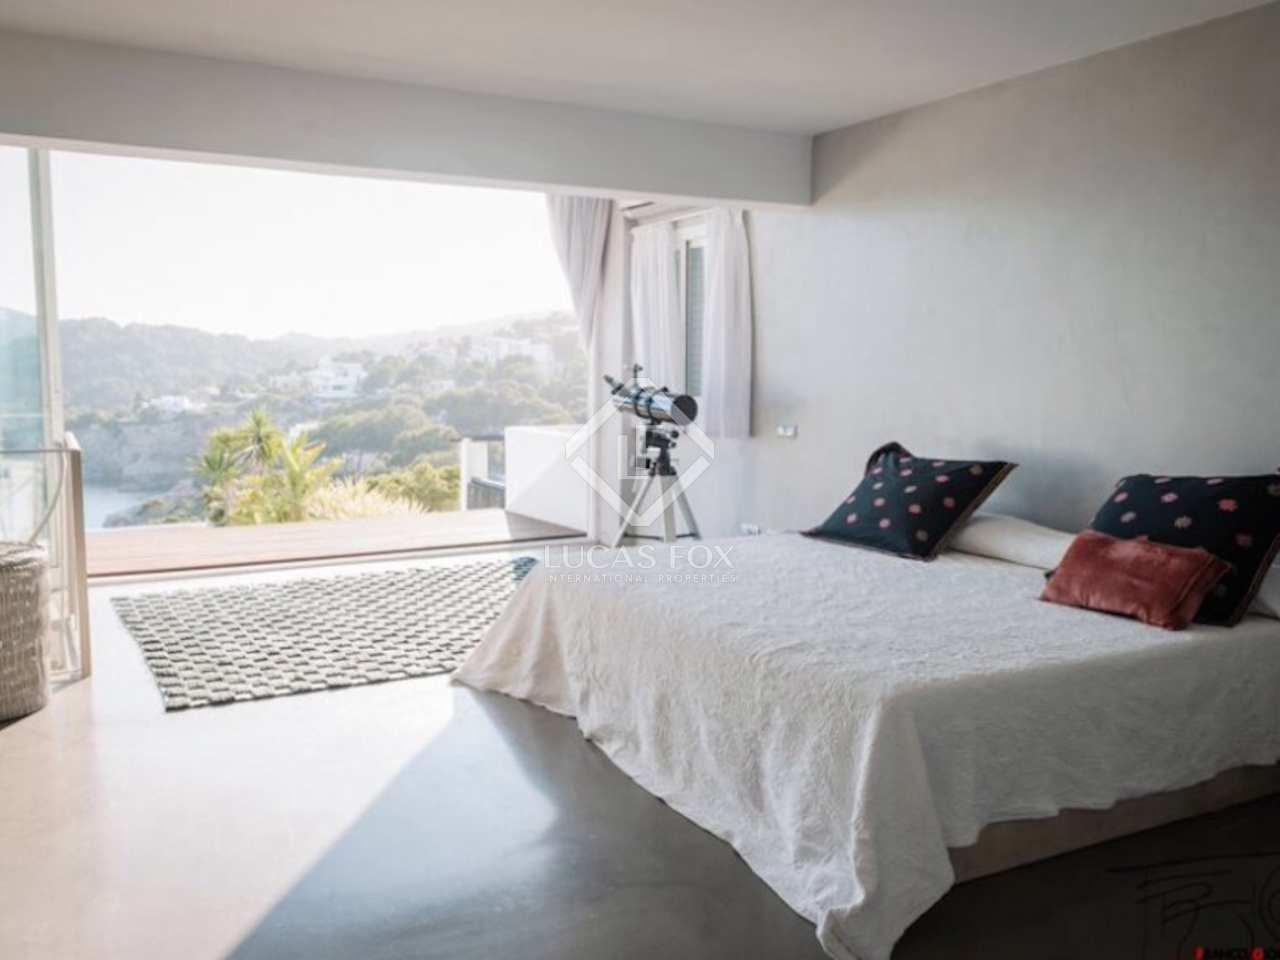 Casa adosada moderna en venta en roca llisa ibiza for Jacuzzi casa moderna